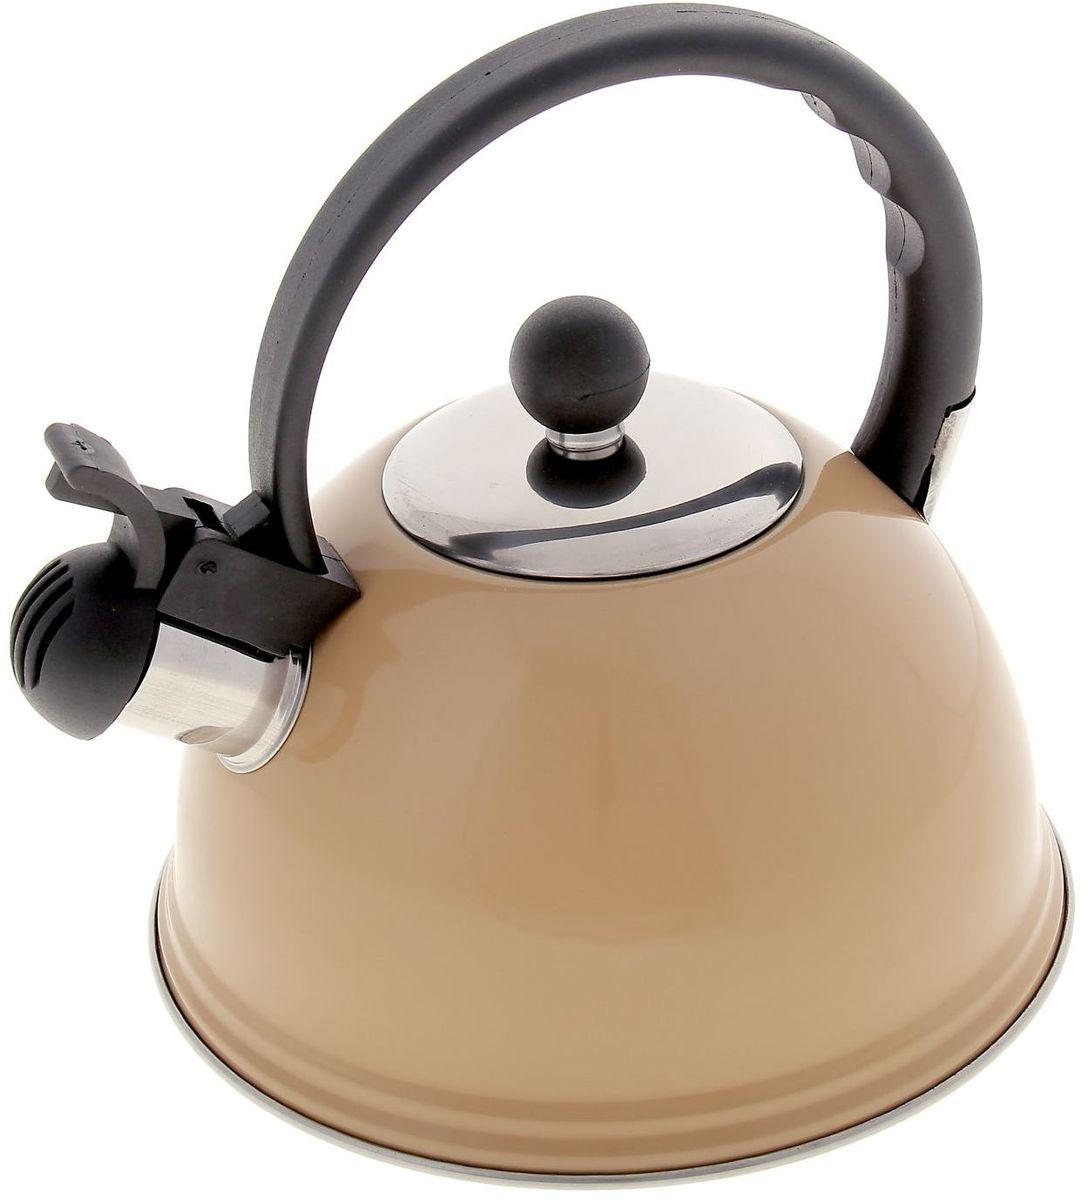 Чайник Доляна Элит, со свистком, цвет: бежевый, 1 л54 009303Чайник выполнен из высококачественной нержавеющей стали, что обеспечивает долговечность использования. Внешнее зеркальное покрытие придает приятный внешний вид. Бакелитовая ручка делает использование чайника очень удобным и безопасным.Можно мыть в посудомоечной машине. Пригоден для всех видов плит, кроме индукционных.